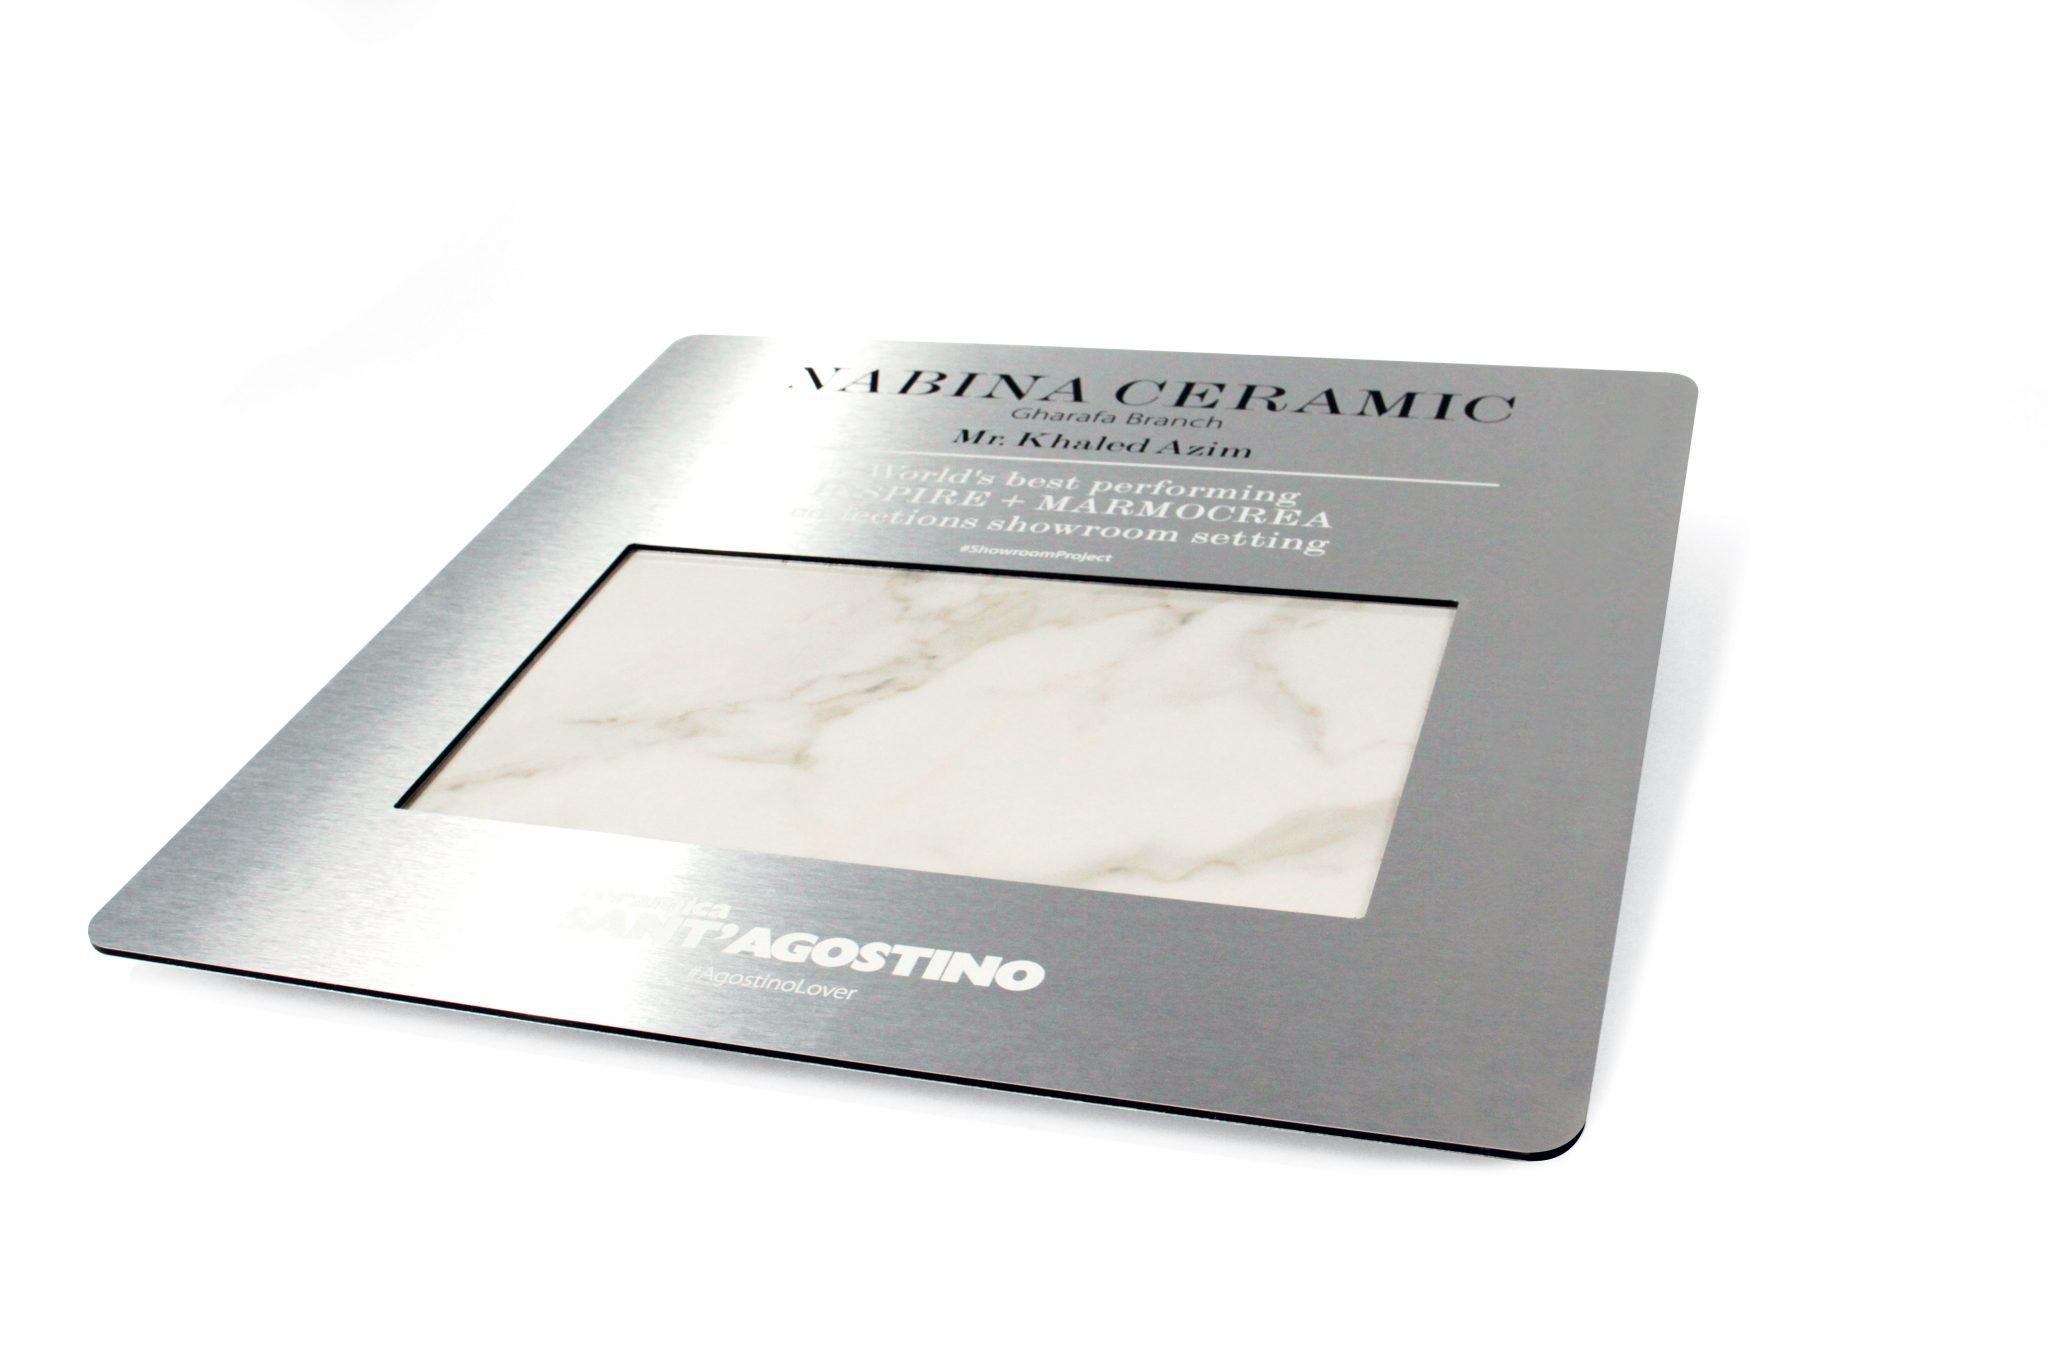 Gadget in Dibond® (alluminio) con stampa diretta